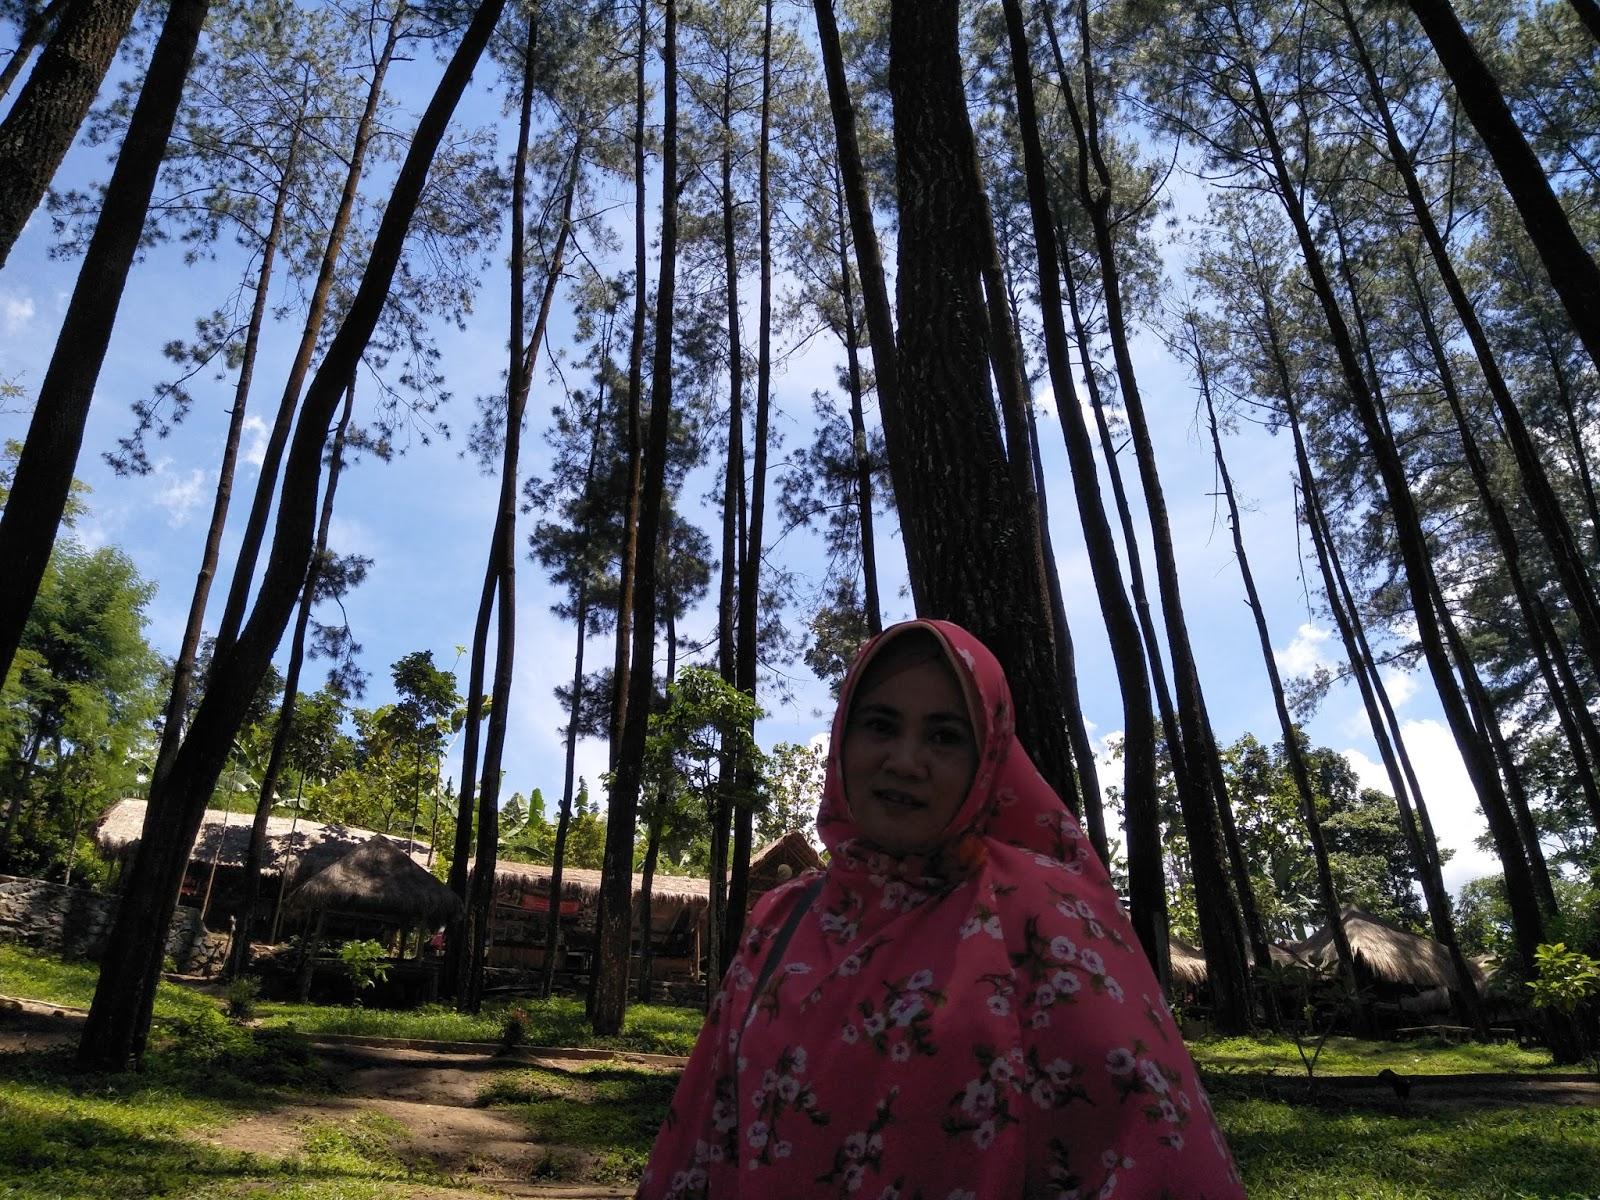 Pinus Nongko Ijo Kare Kabupaten Madiun Direkomendasikan Datang Lokasi Hutan